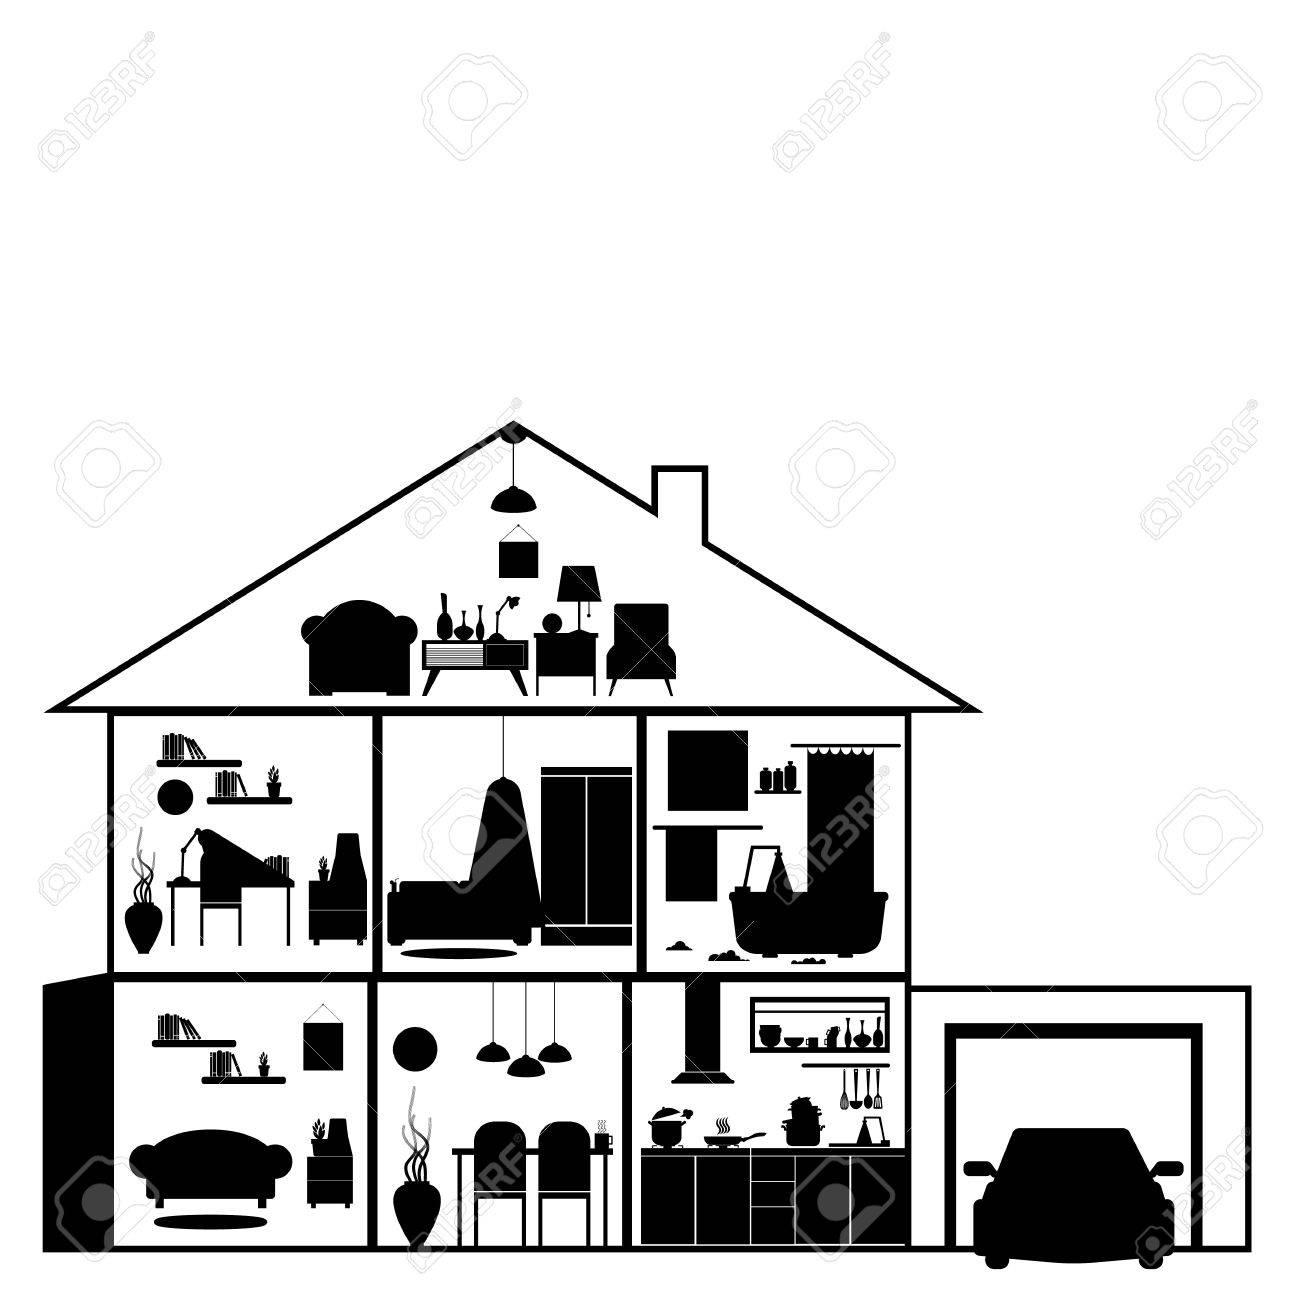 Haus In Schnitt. Detaillierte Modernes Haus Interieur. Zimmer Mit ...